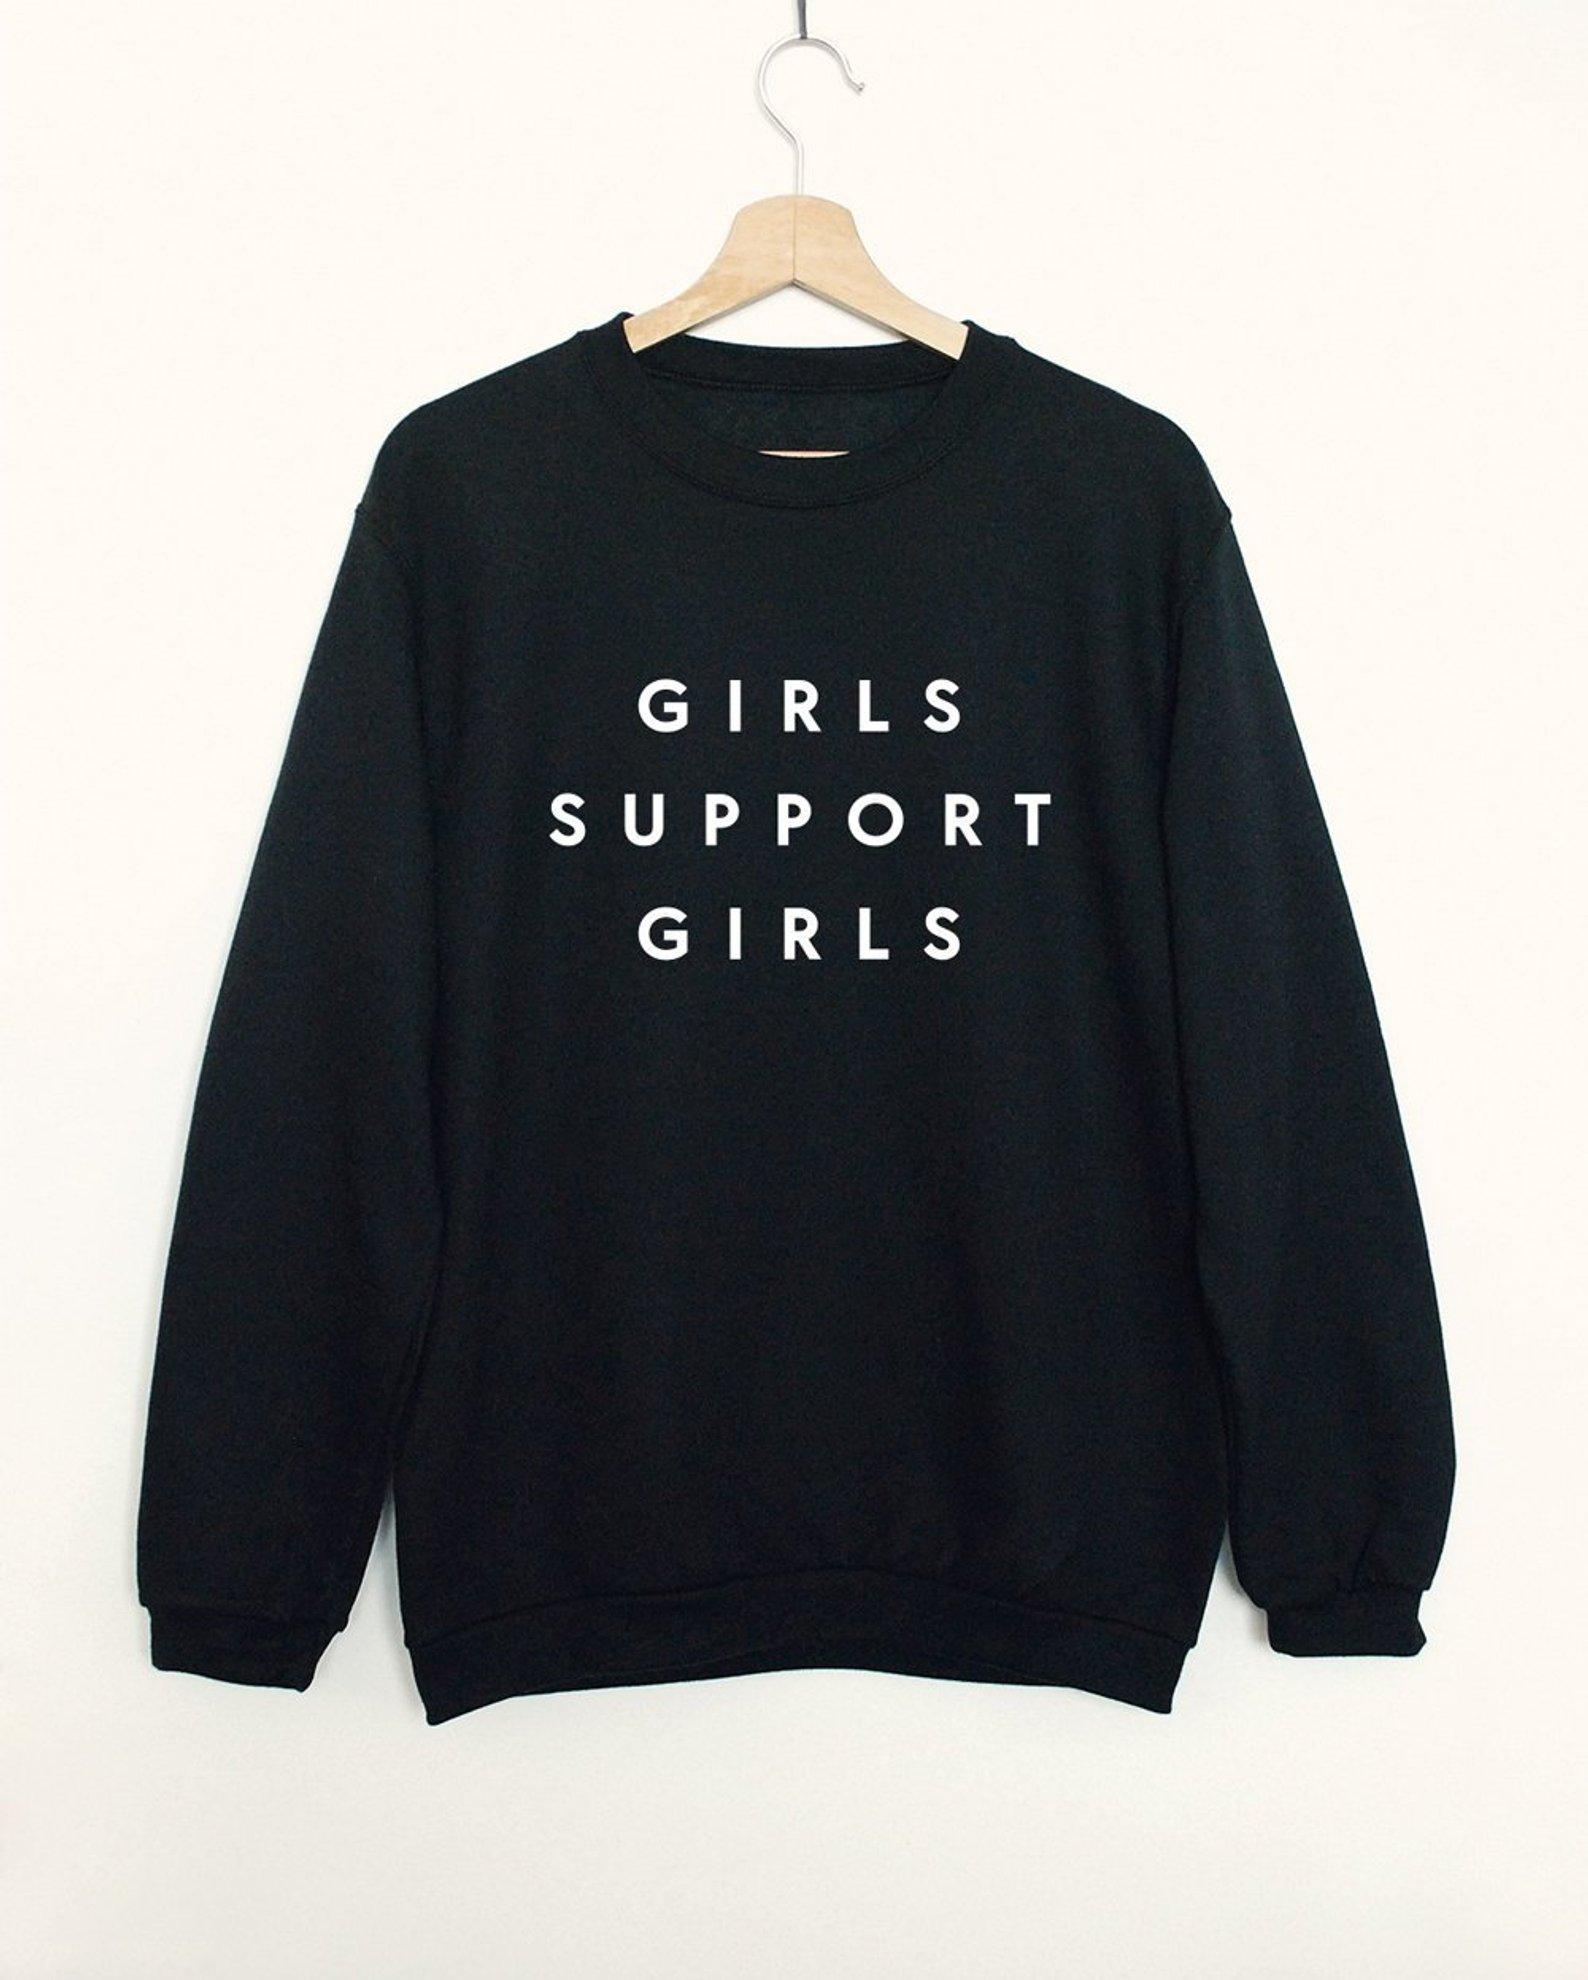 Girls Support Girls Sweatshirt By SuperPrintShop